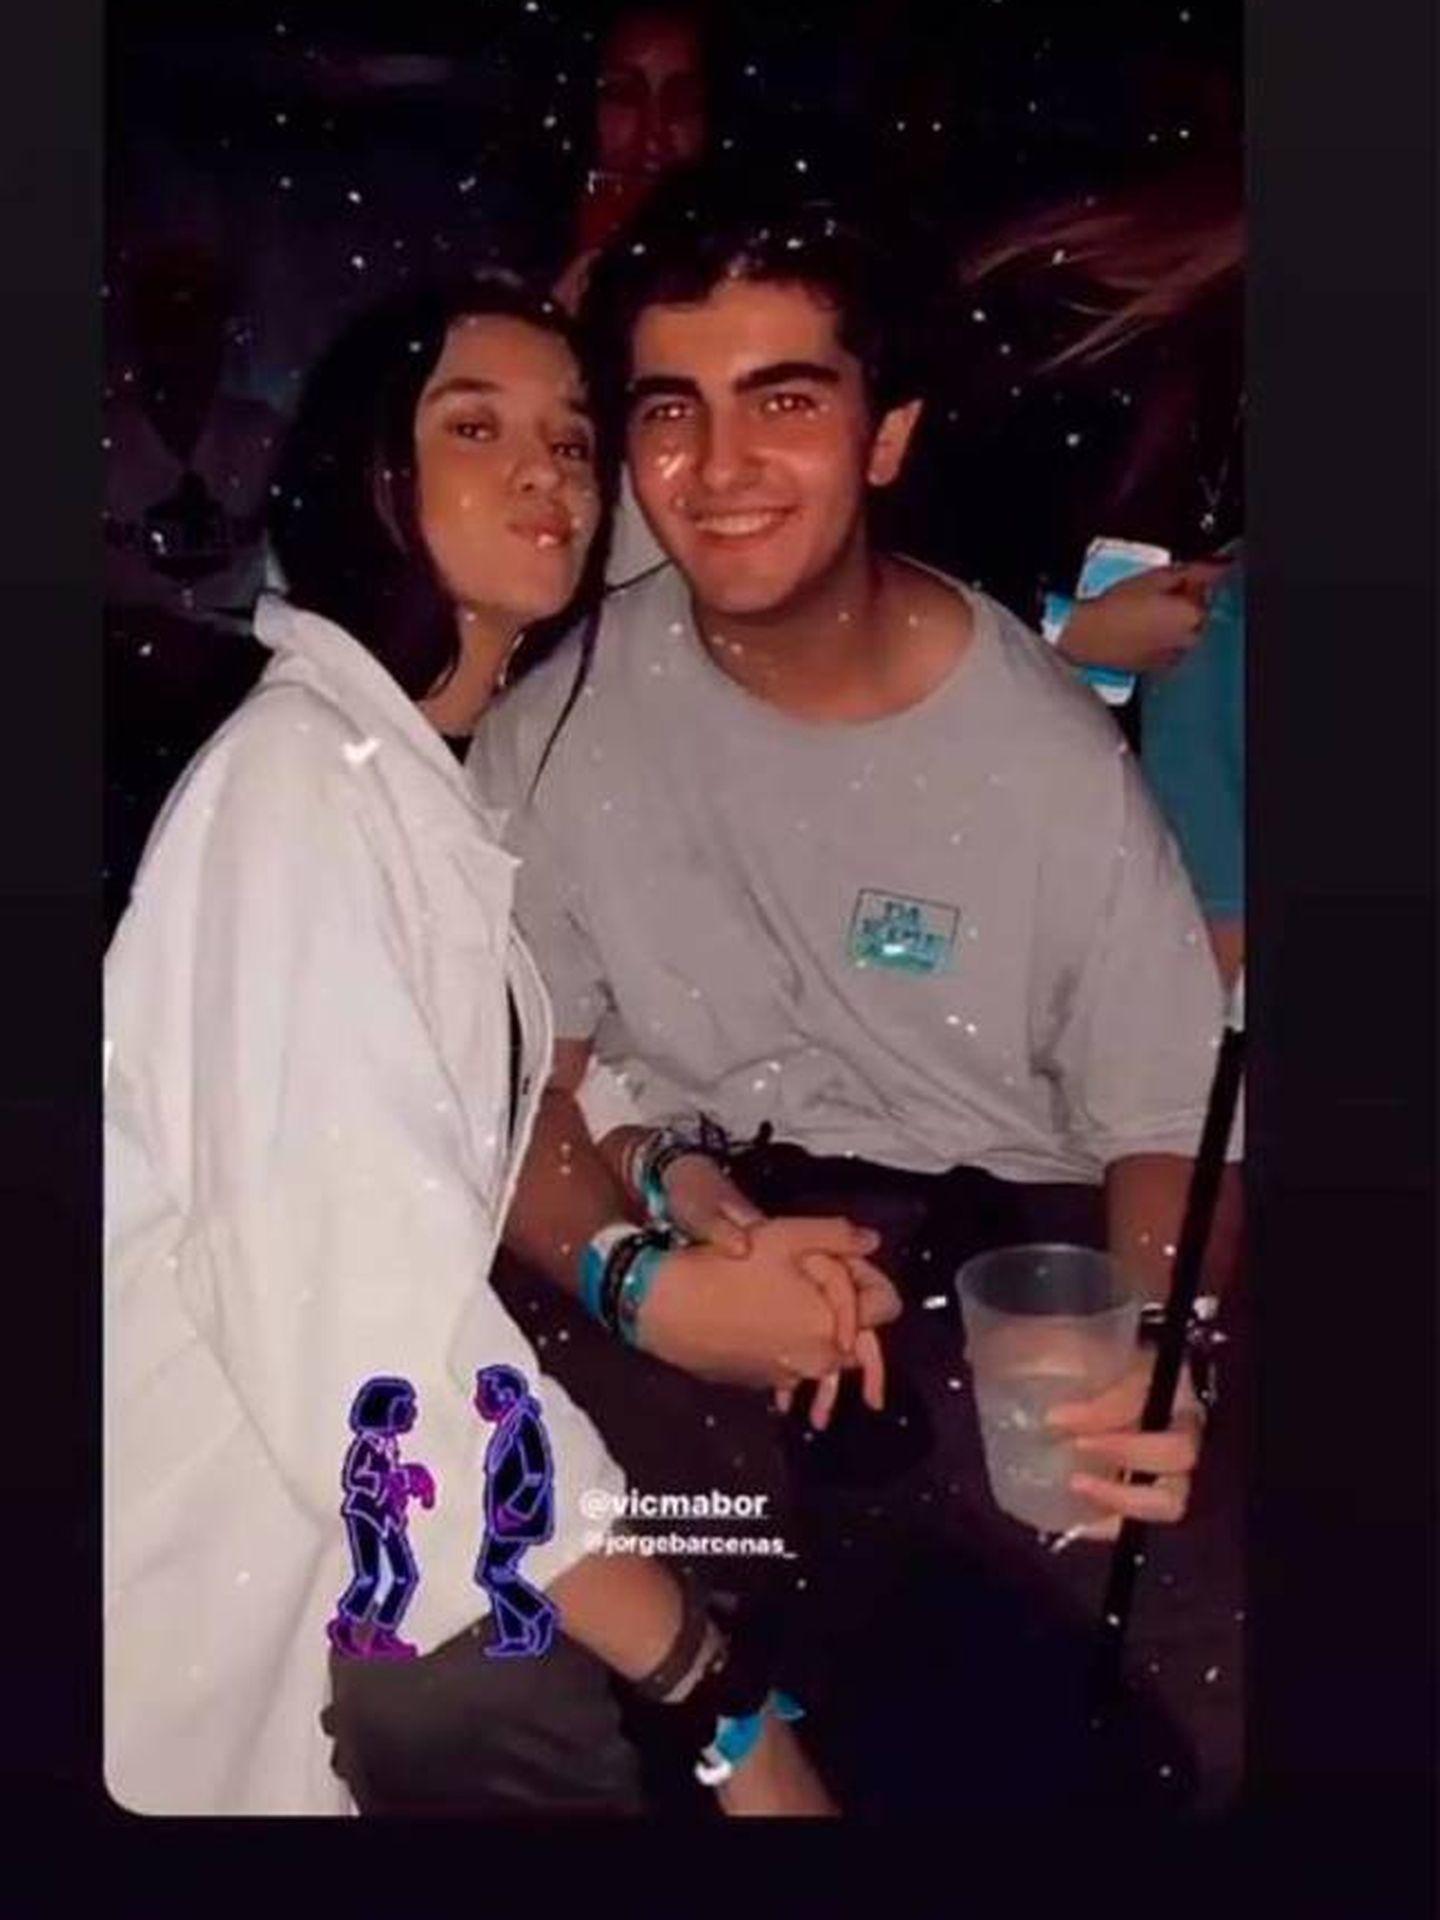 Victoria Federica y Jorge Bárcenas, en una imagen reciente de Instagram.